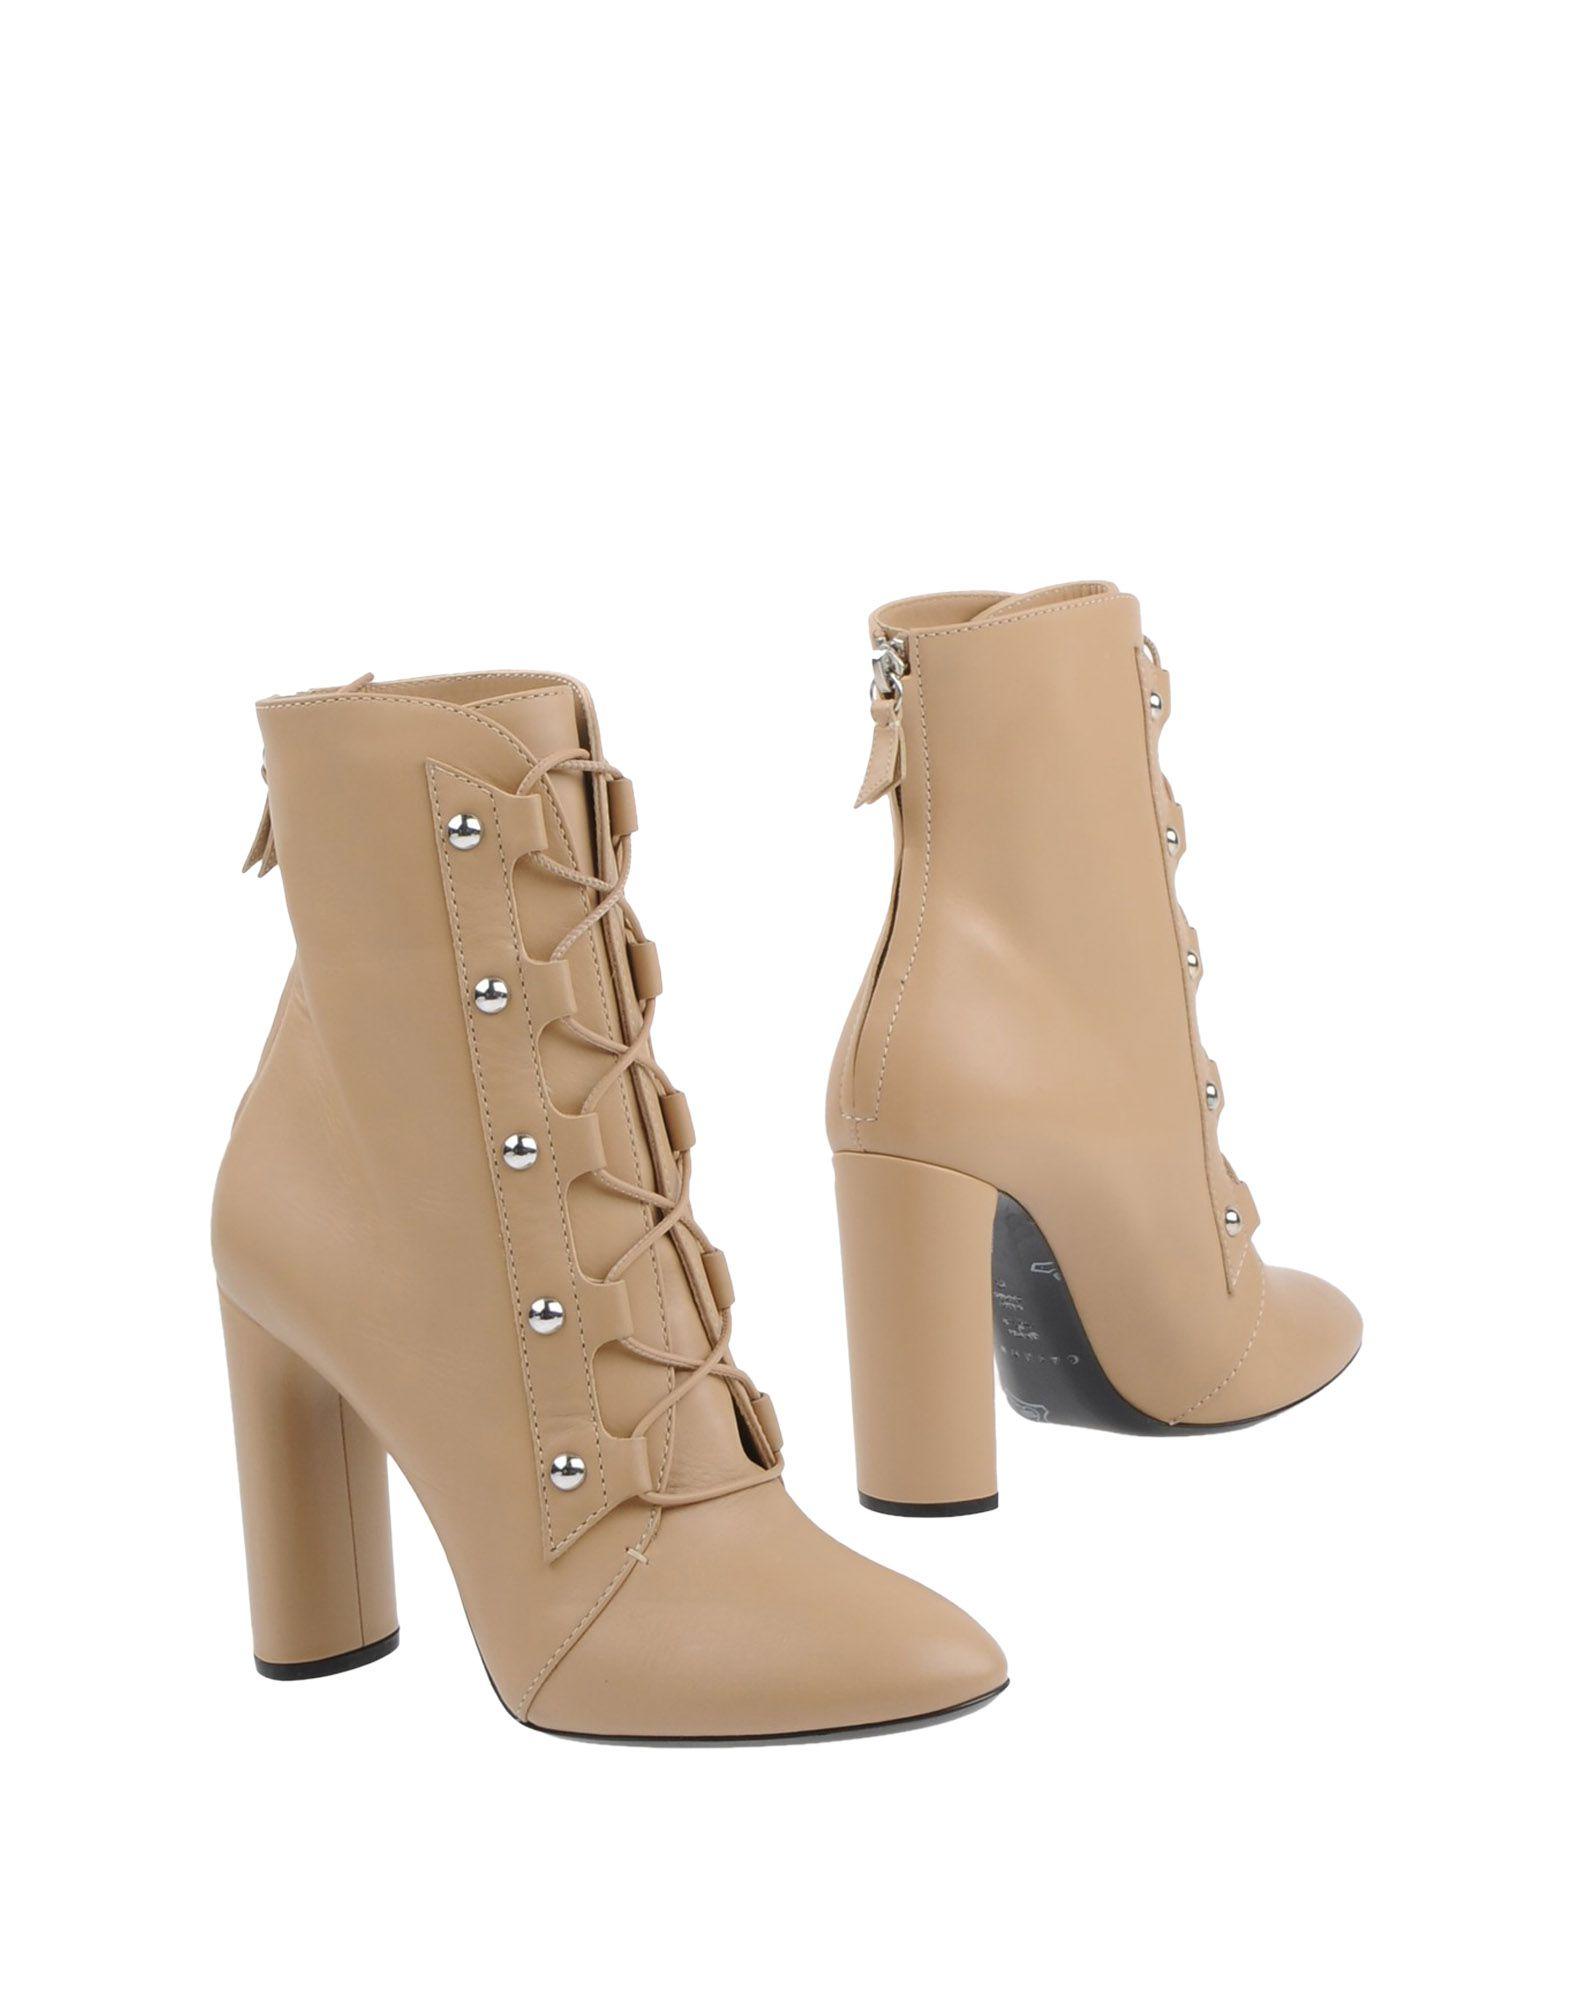 48c7639b6591 Полусапоги И Высокие Ботинки Для Женщин от Casadei - YOOX Россия